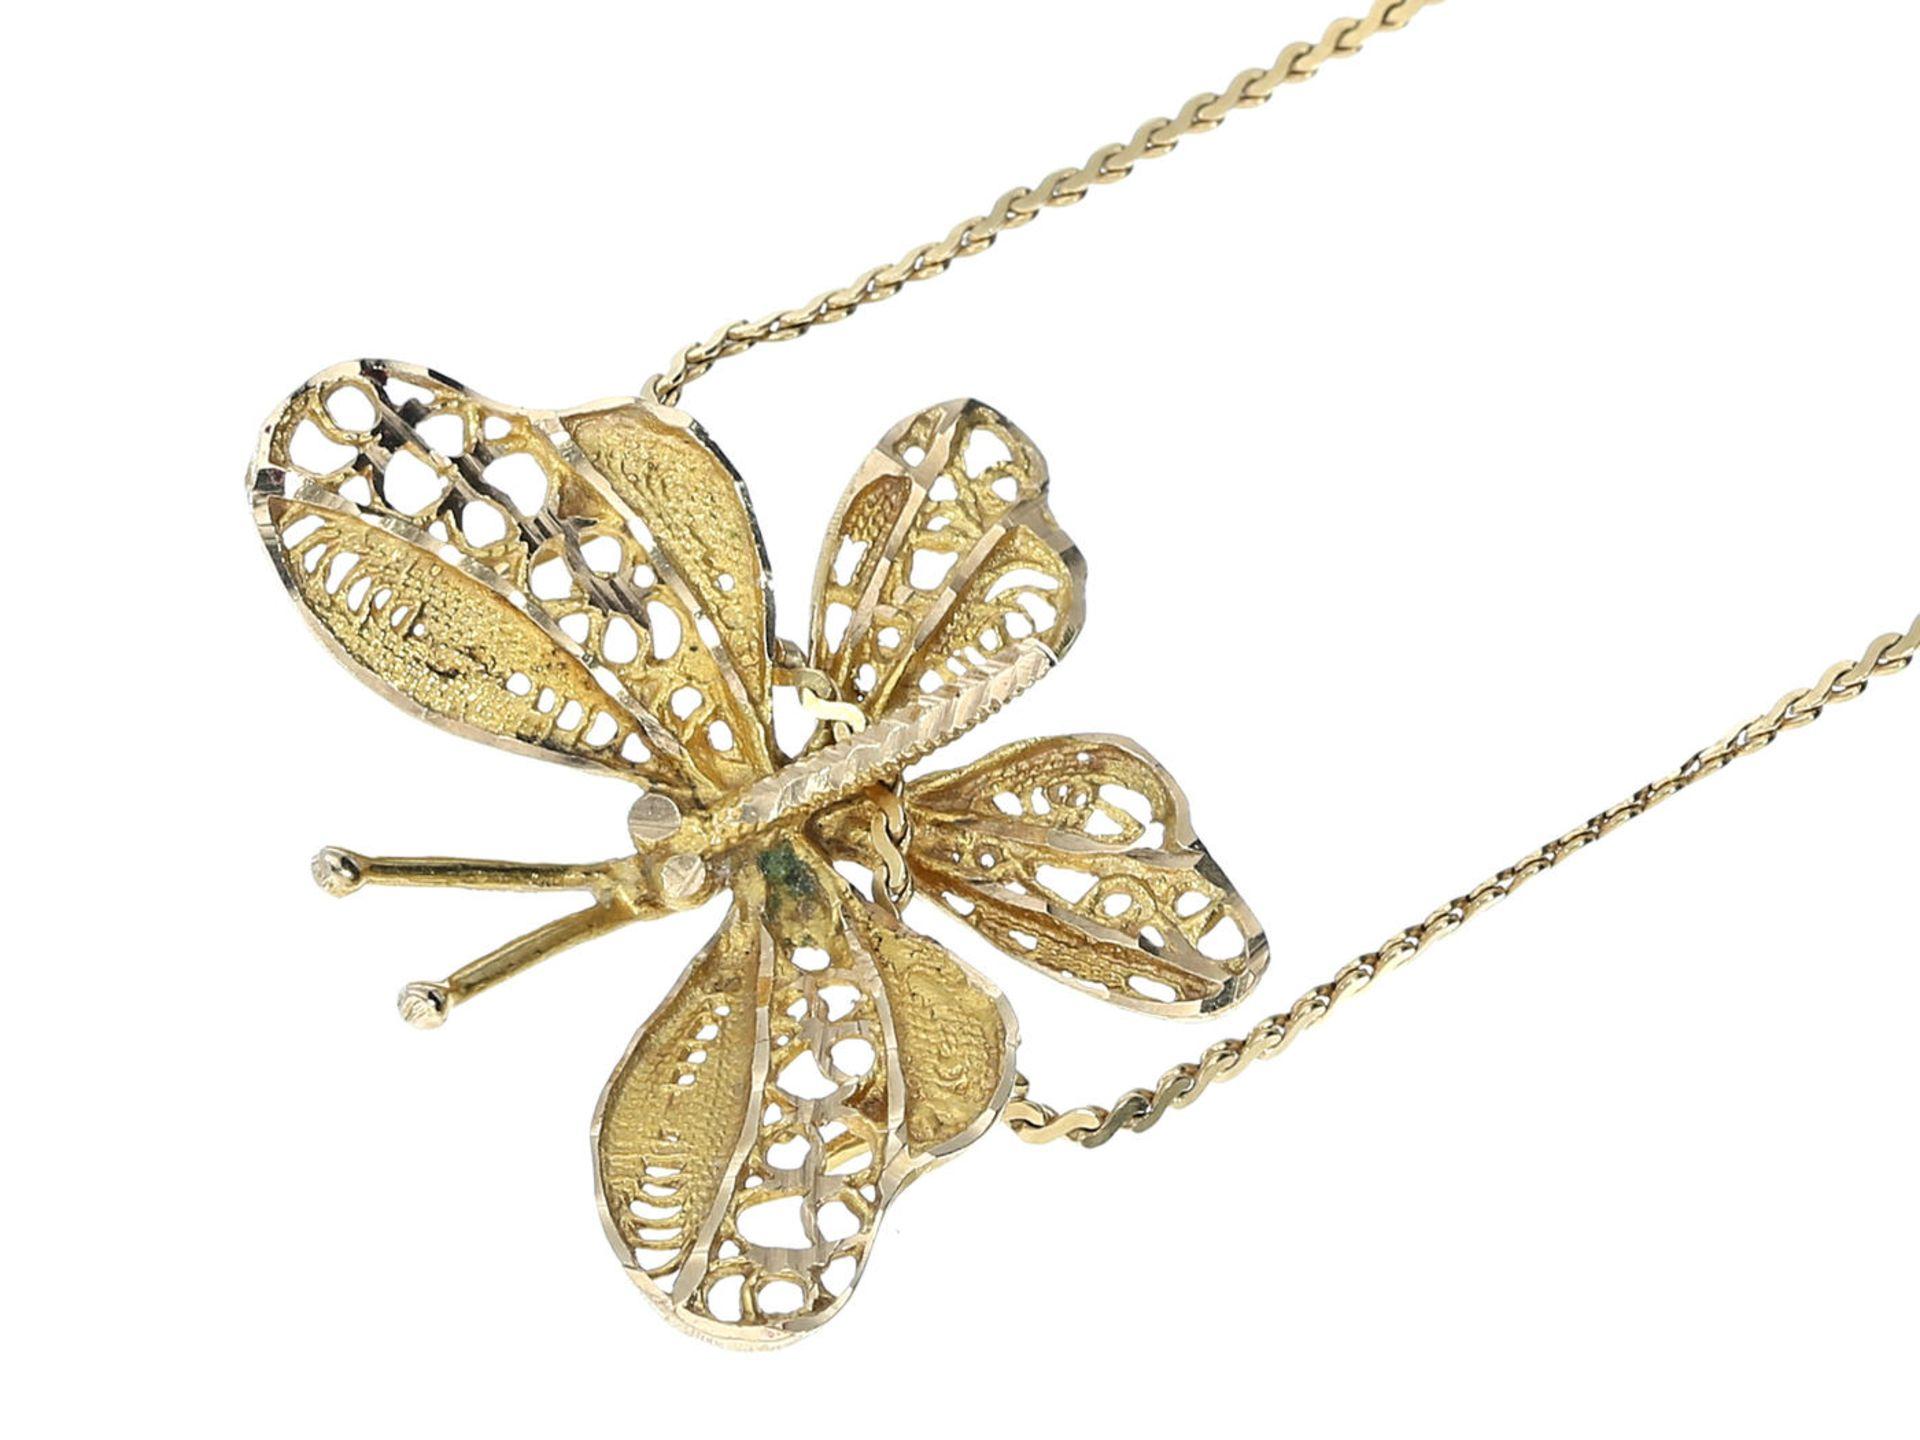 Kette/Collier: zierliche Halskette mit Schmetterlingsanhänger, 18K Gold Ca. 38cm lang, ca. 4g, 18K